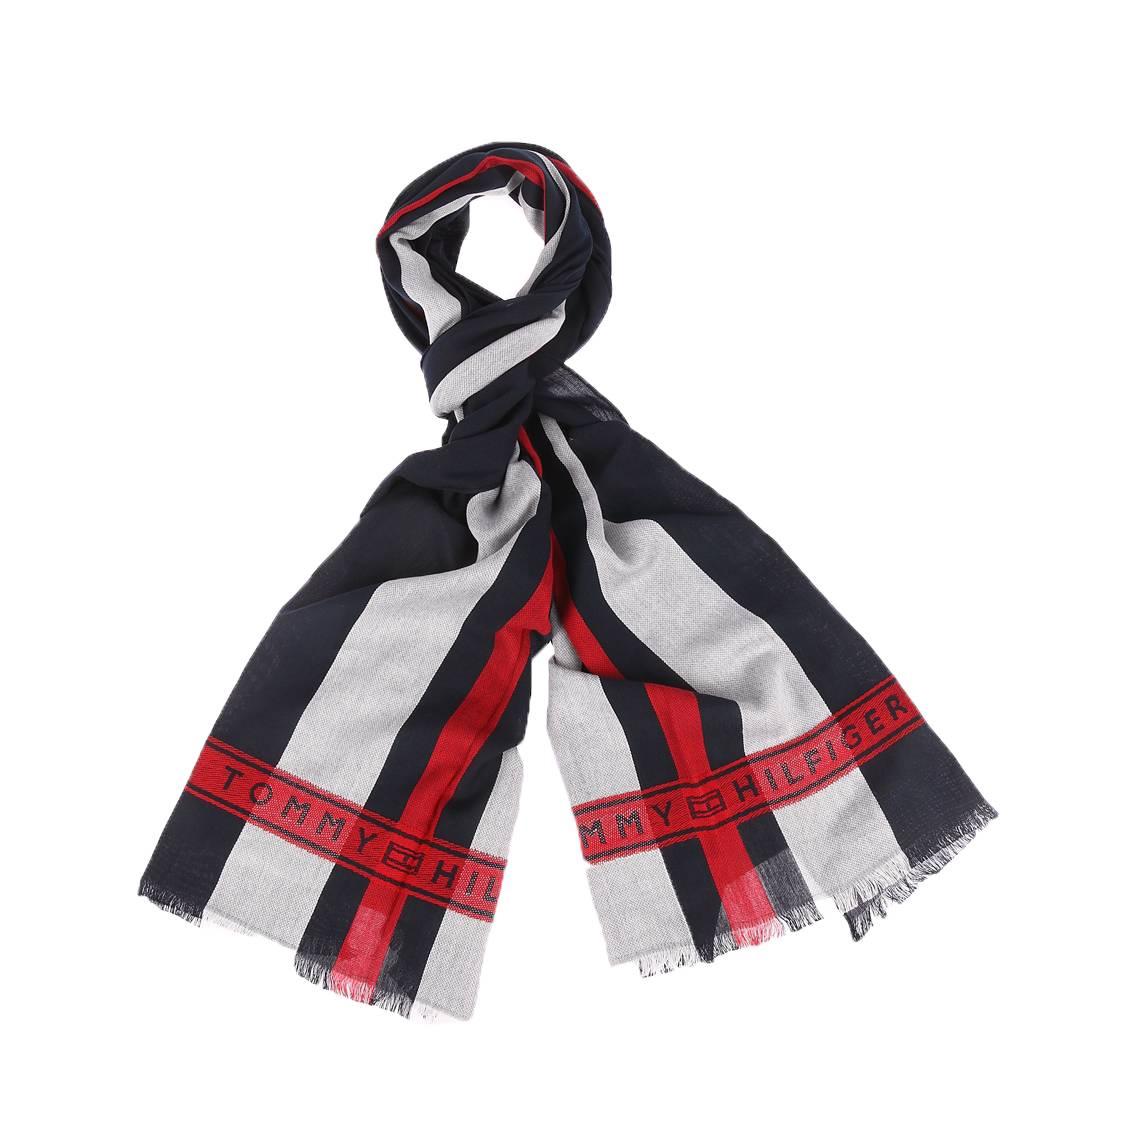 Echarpe tommy hilfiger selvedge en coton bleu marine à bandes blanches et rouges